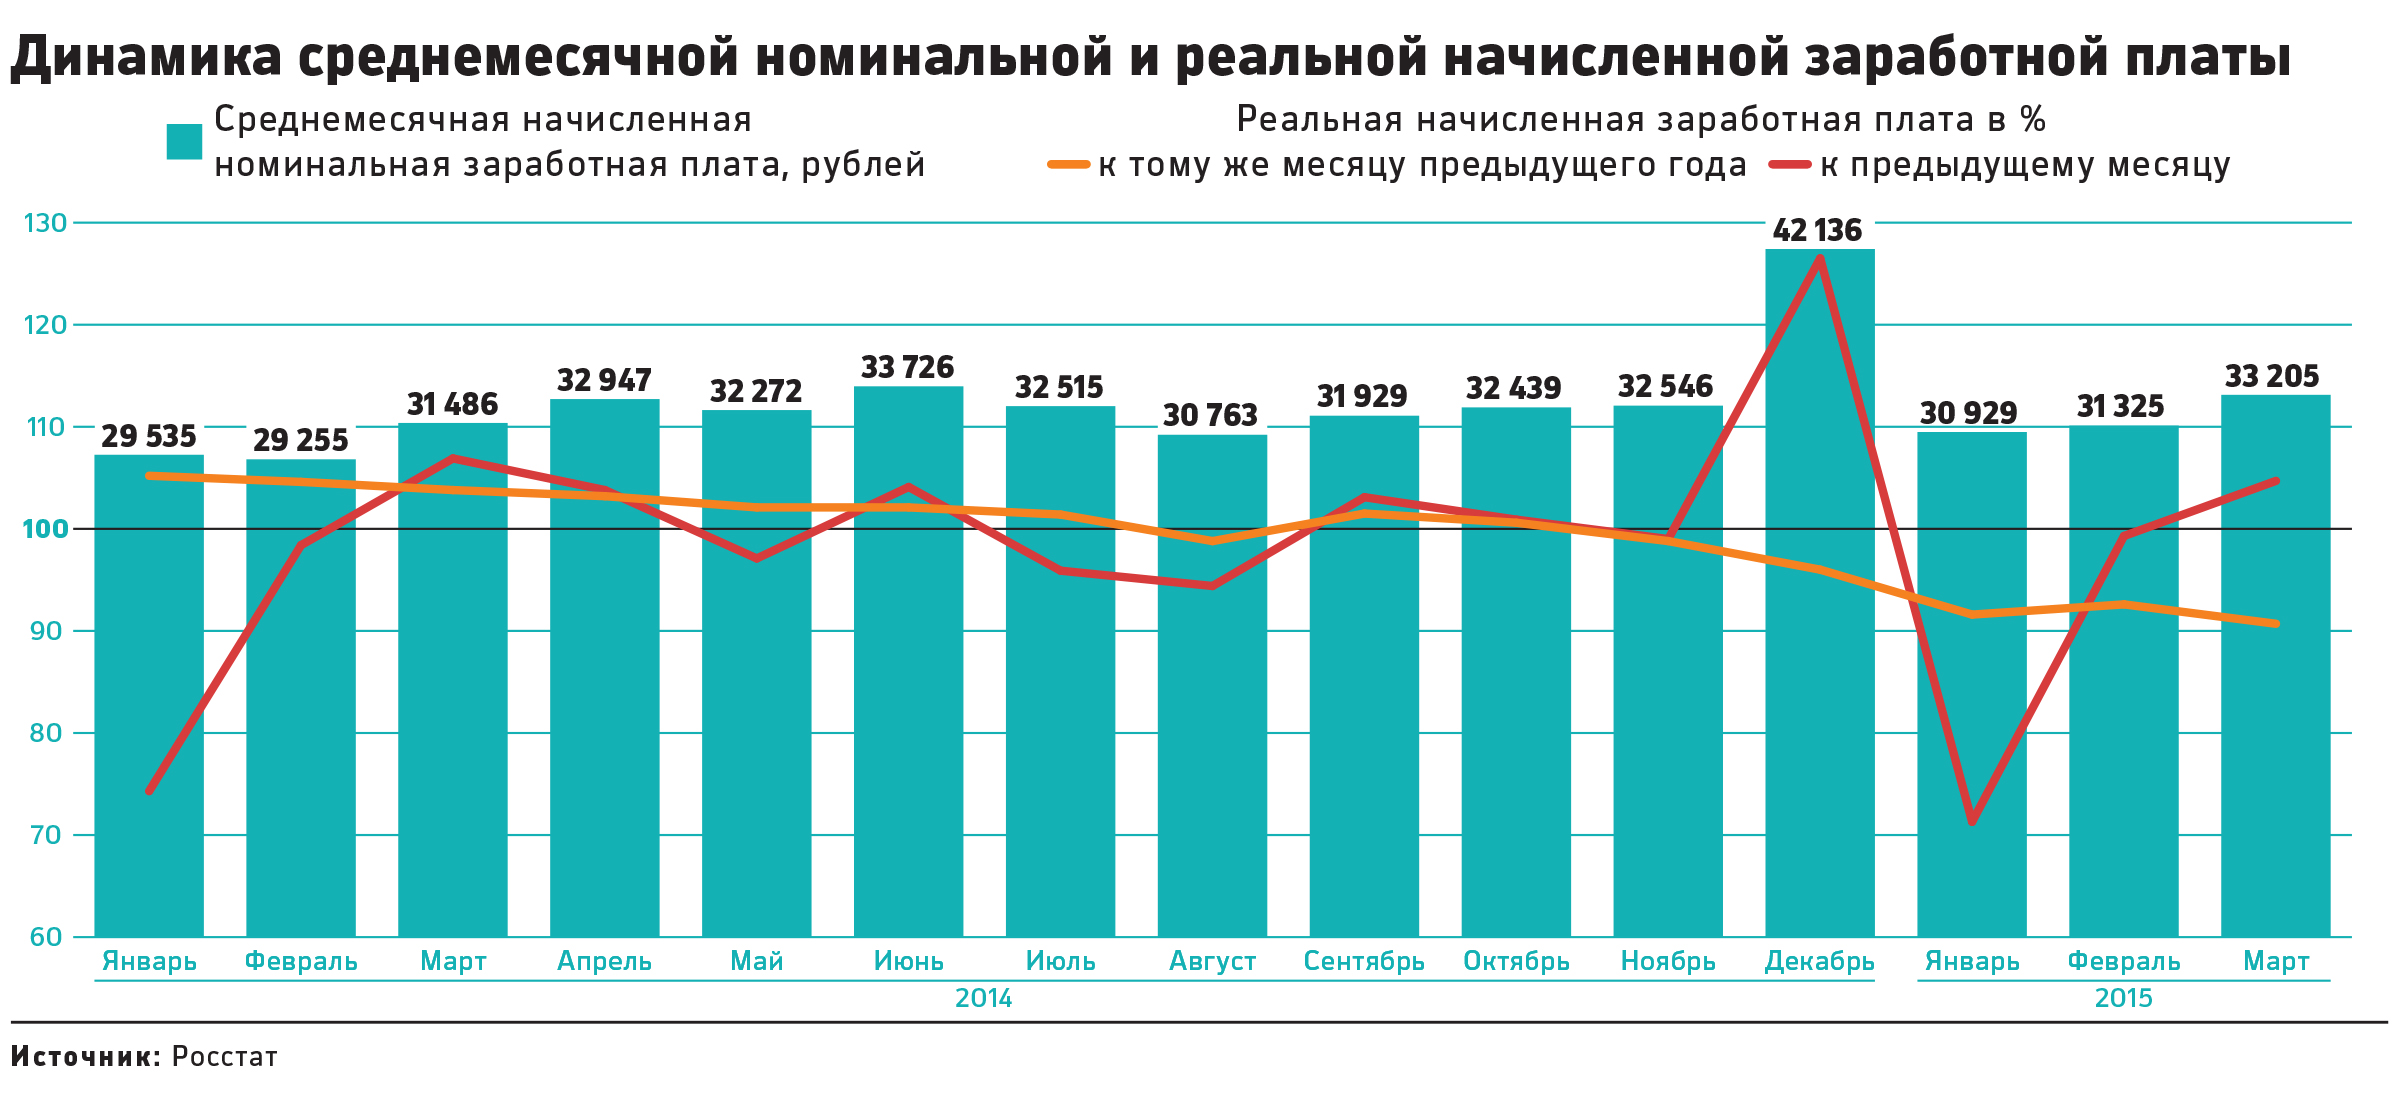 Официальное объяснение кризиса в России